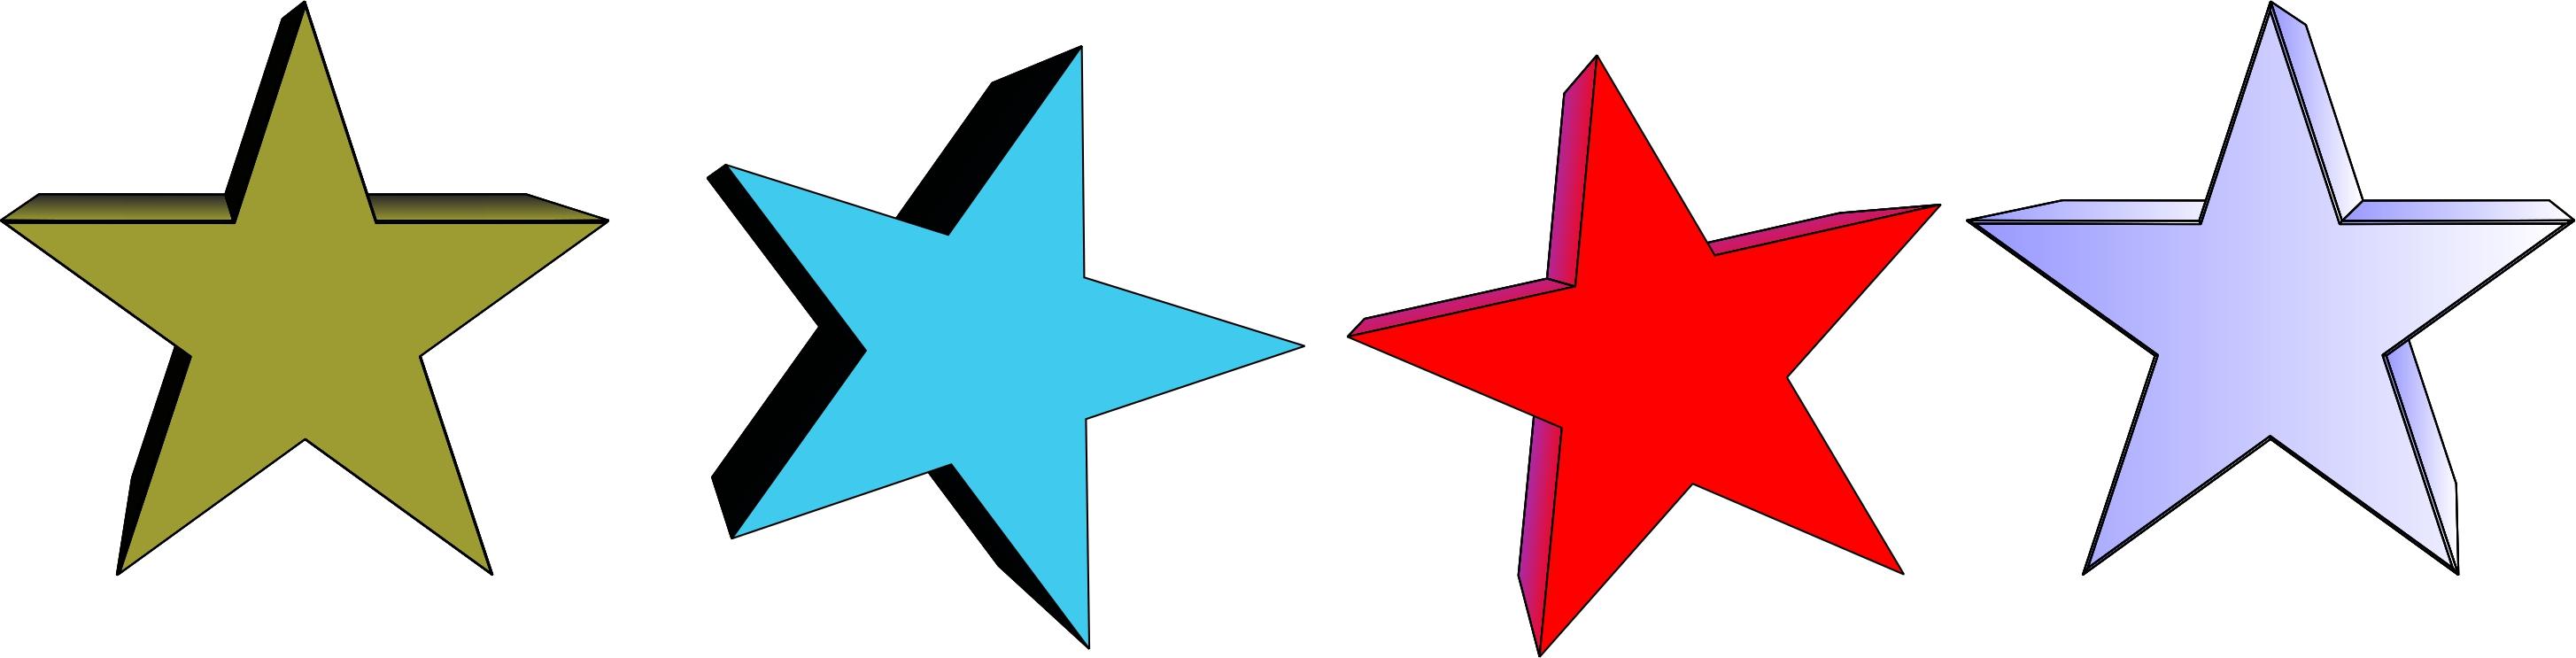 Star Sampler